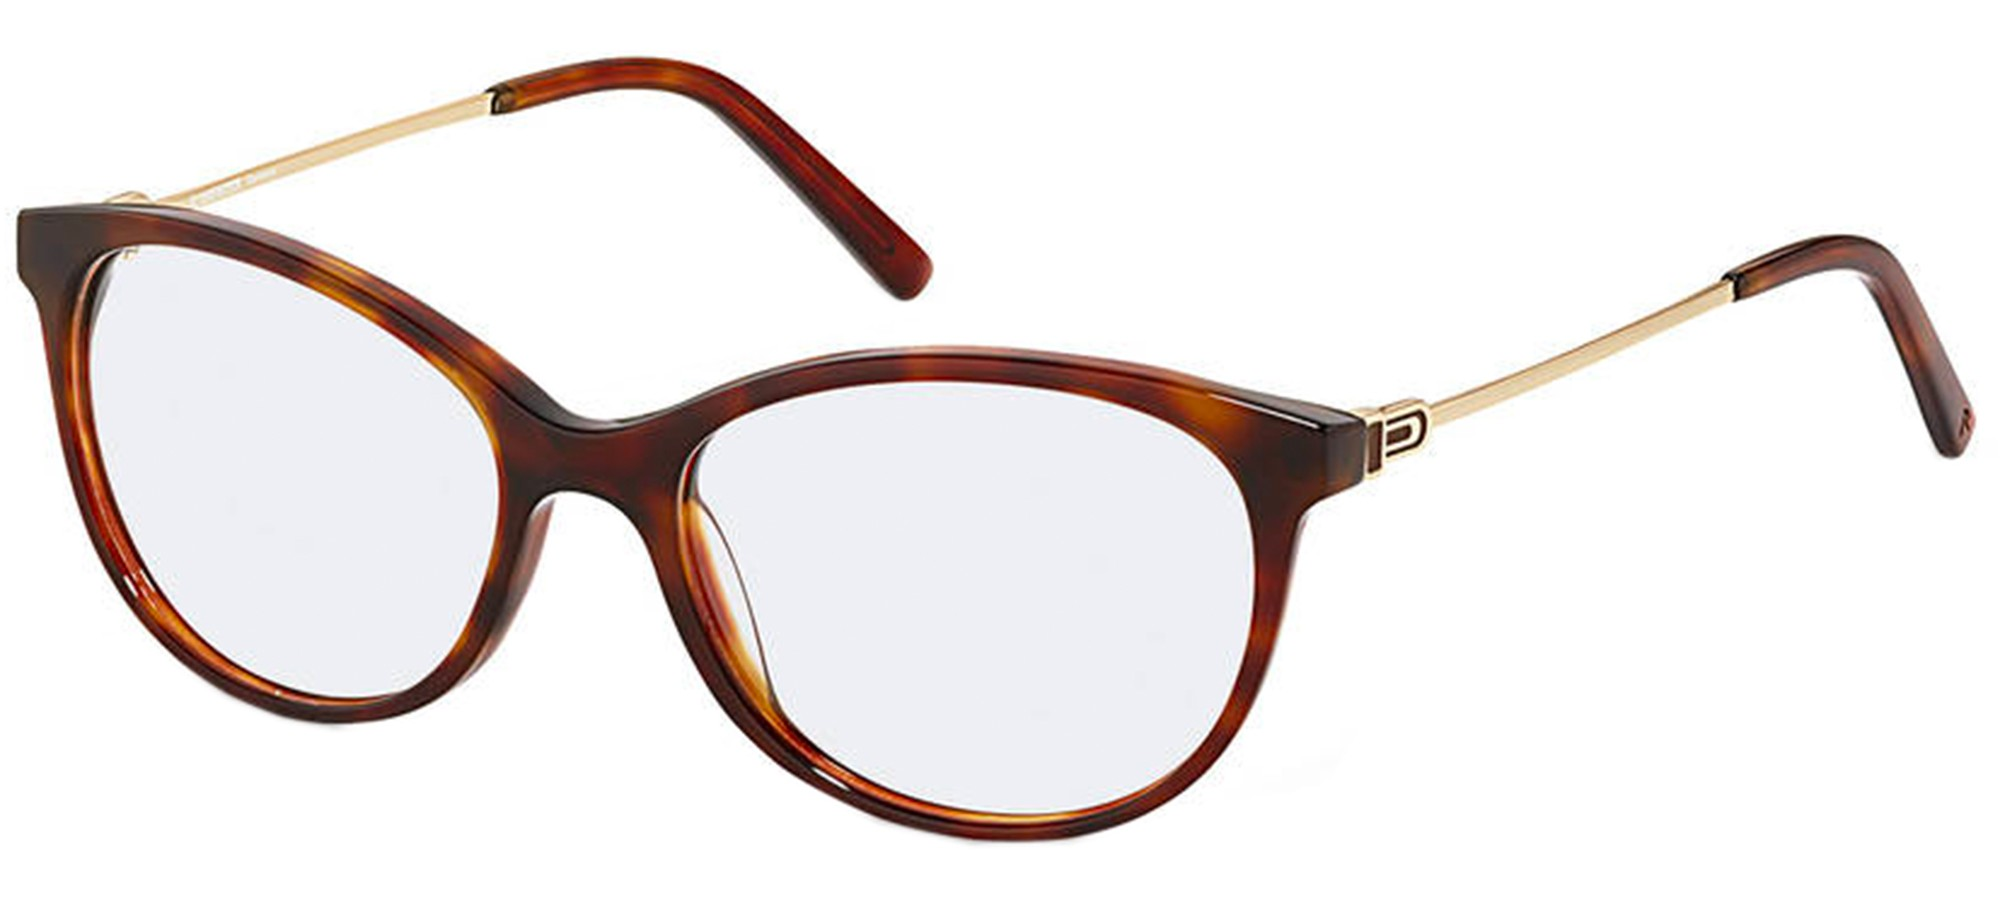 Rodenstock eyeglasses R5323